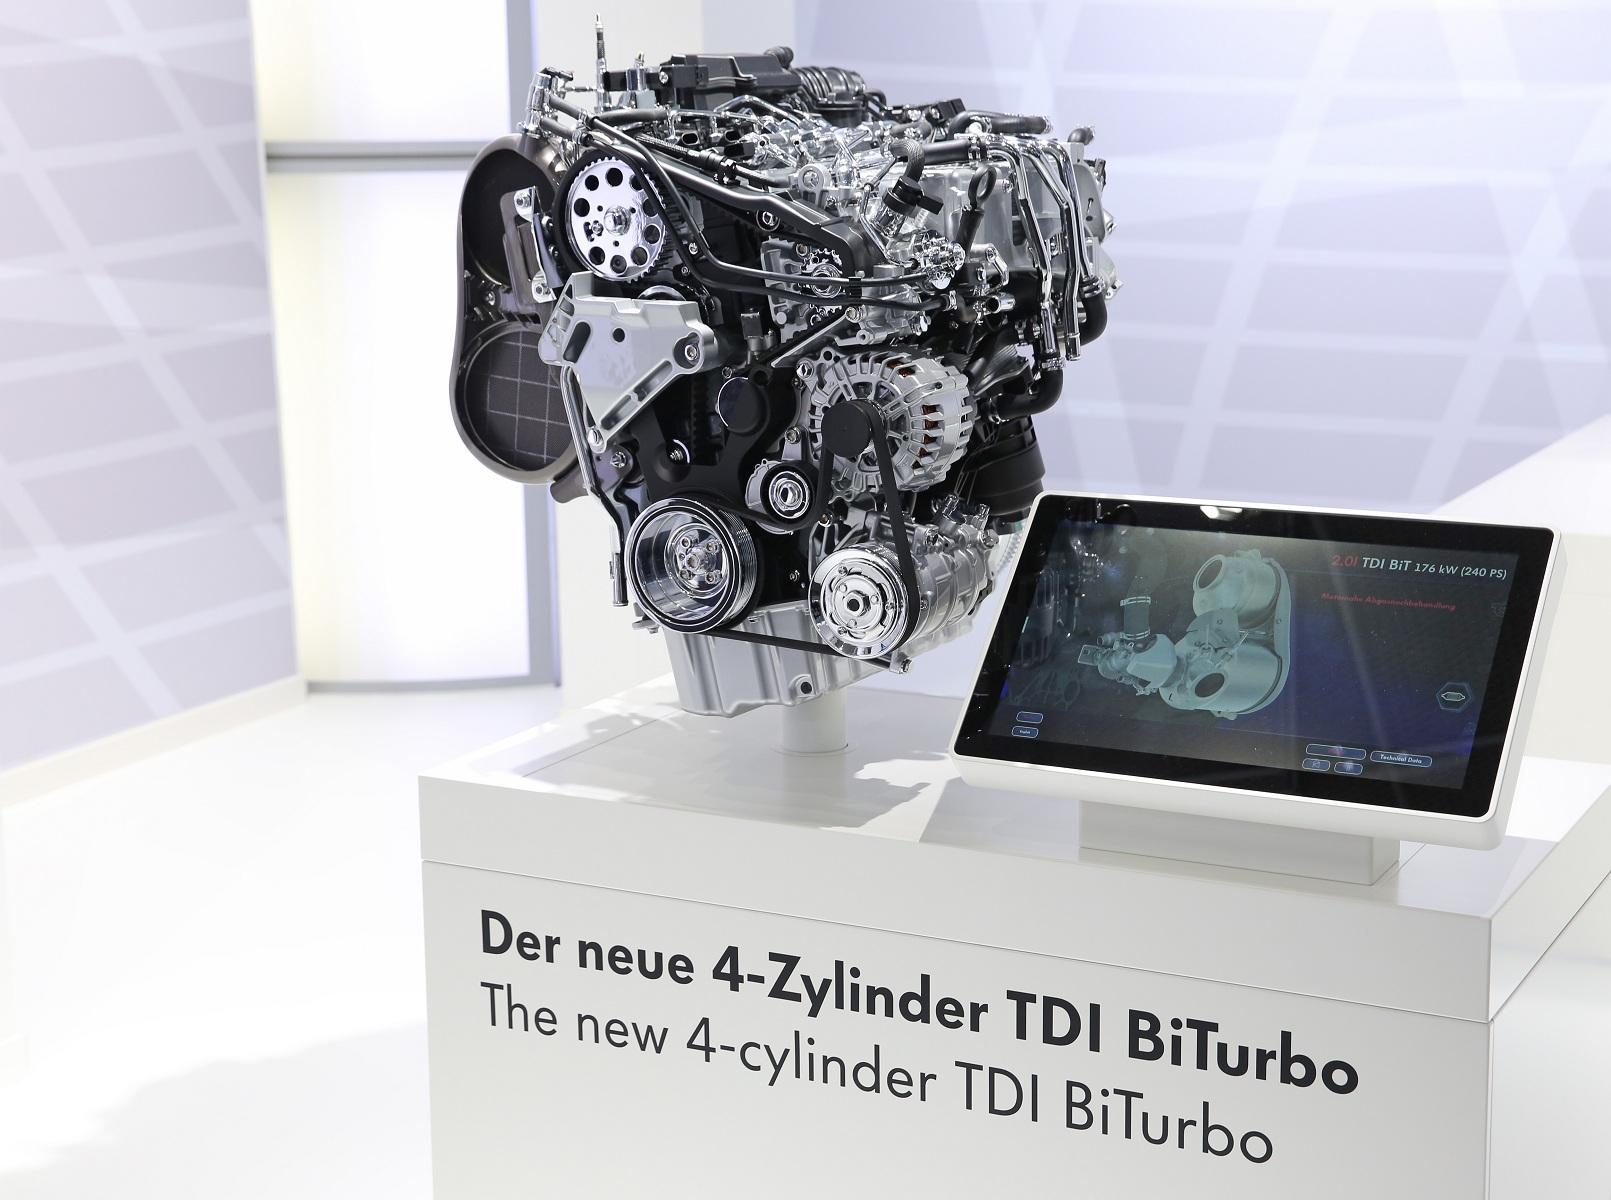 New 2.0l TDI engine